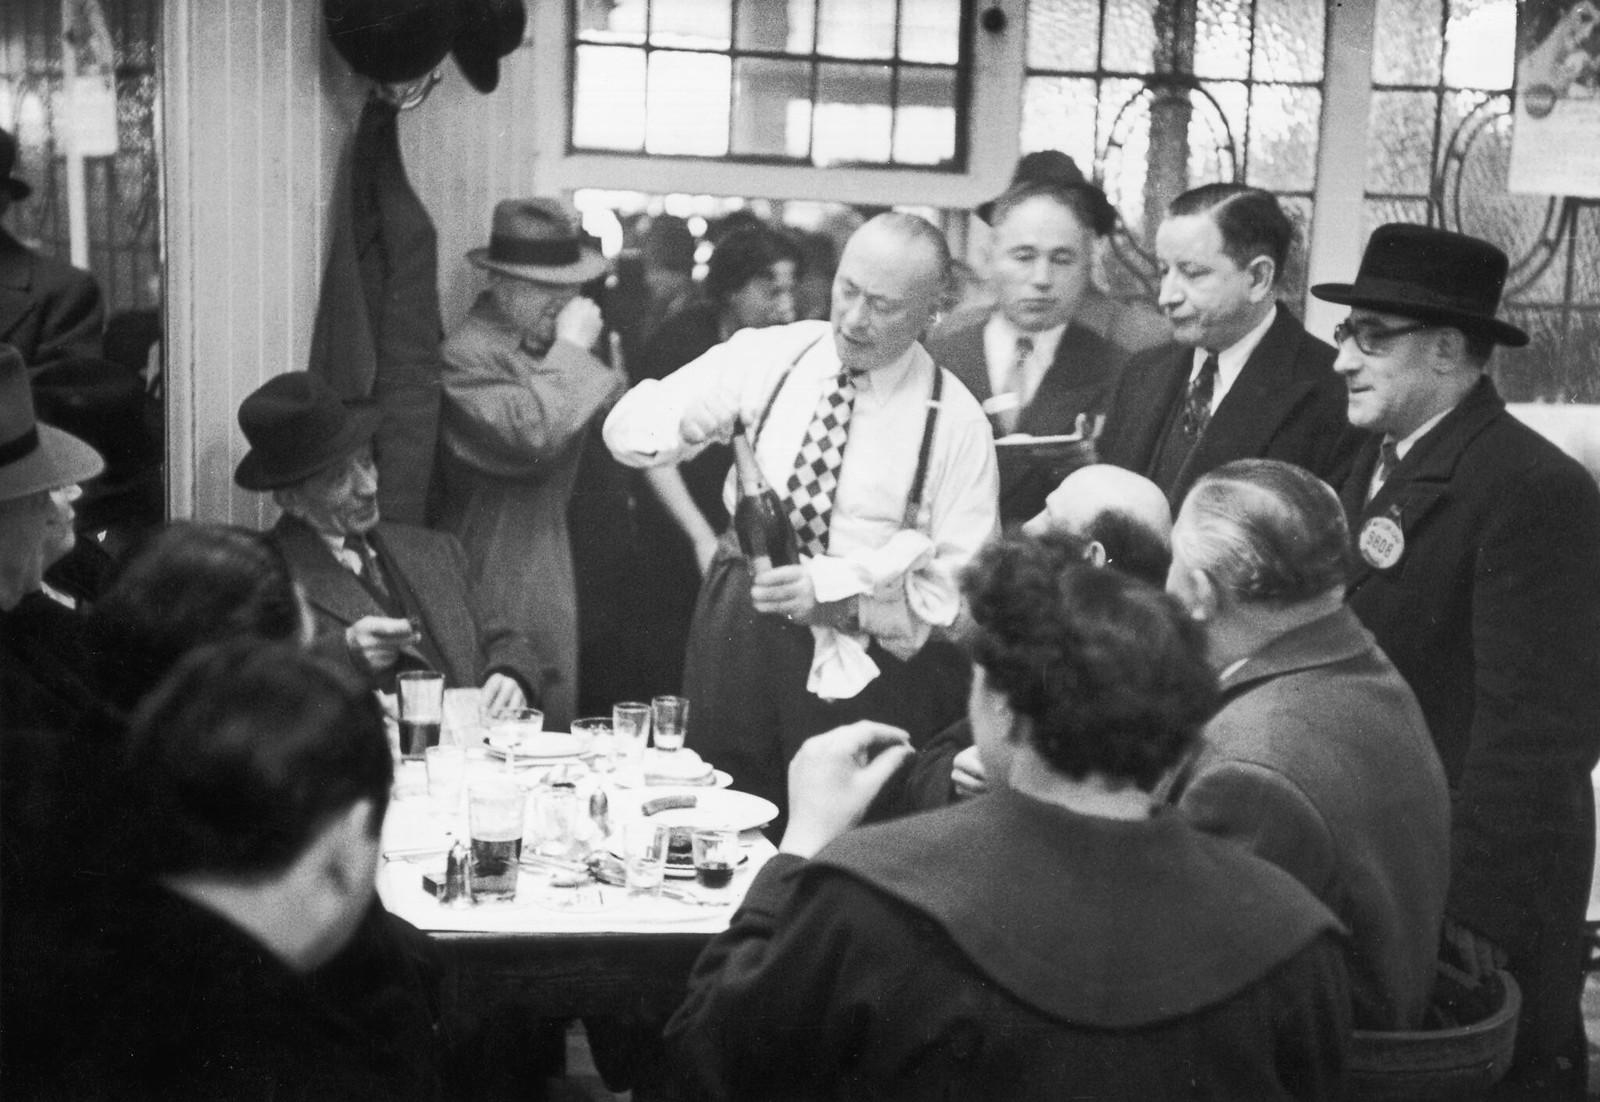 13. Еврей делится бутылкой шампанского с друзьями в лондонском Ист-Энде